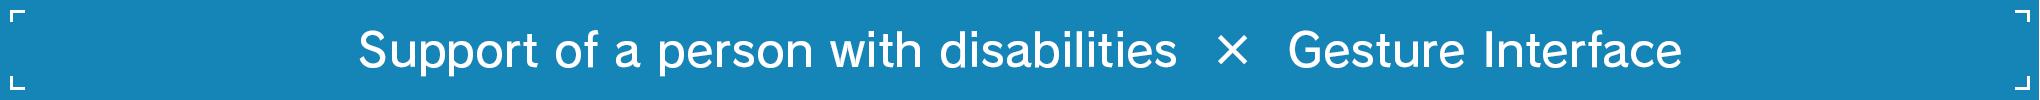 重度運動機能障害者支援×ジェスチャインターフェース